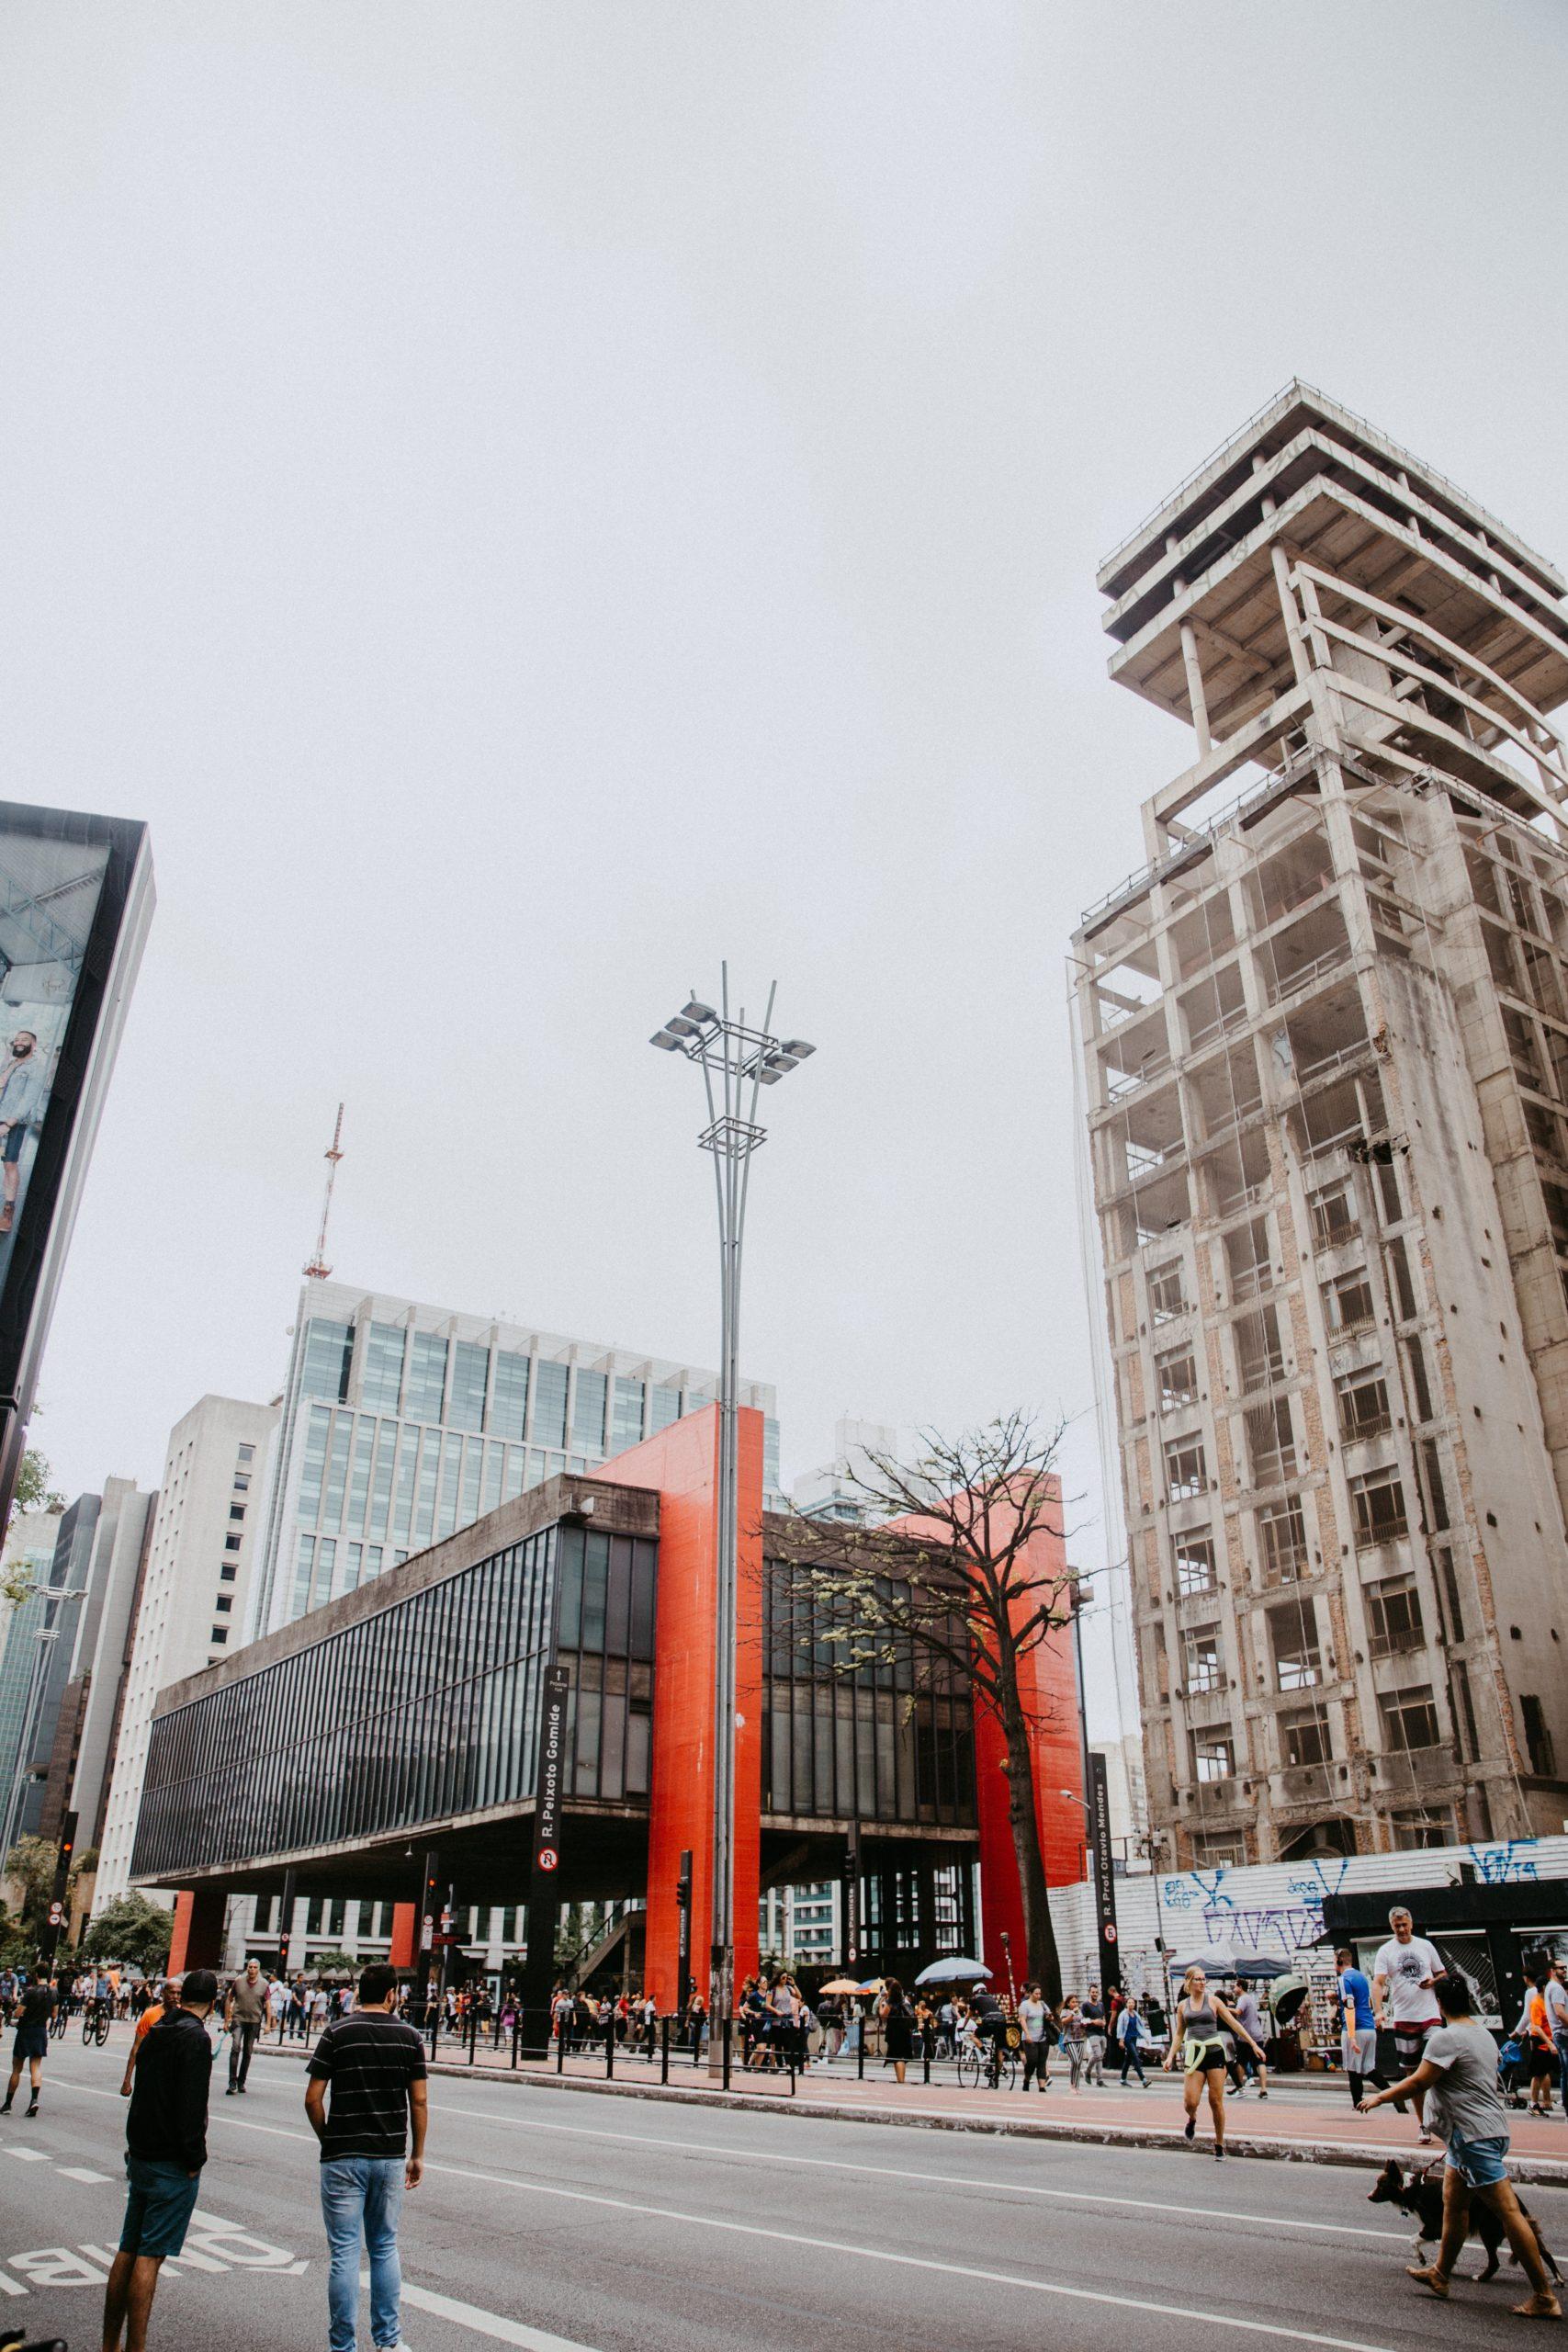 Architektinnen-Quiz: Kunstmuseum in Sao Paolo | Architektur-studieren.info